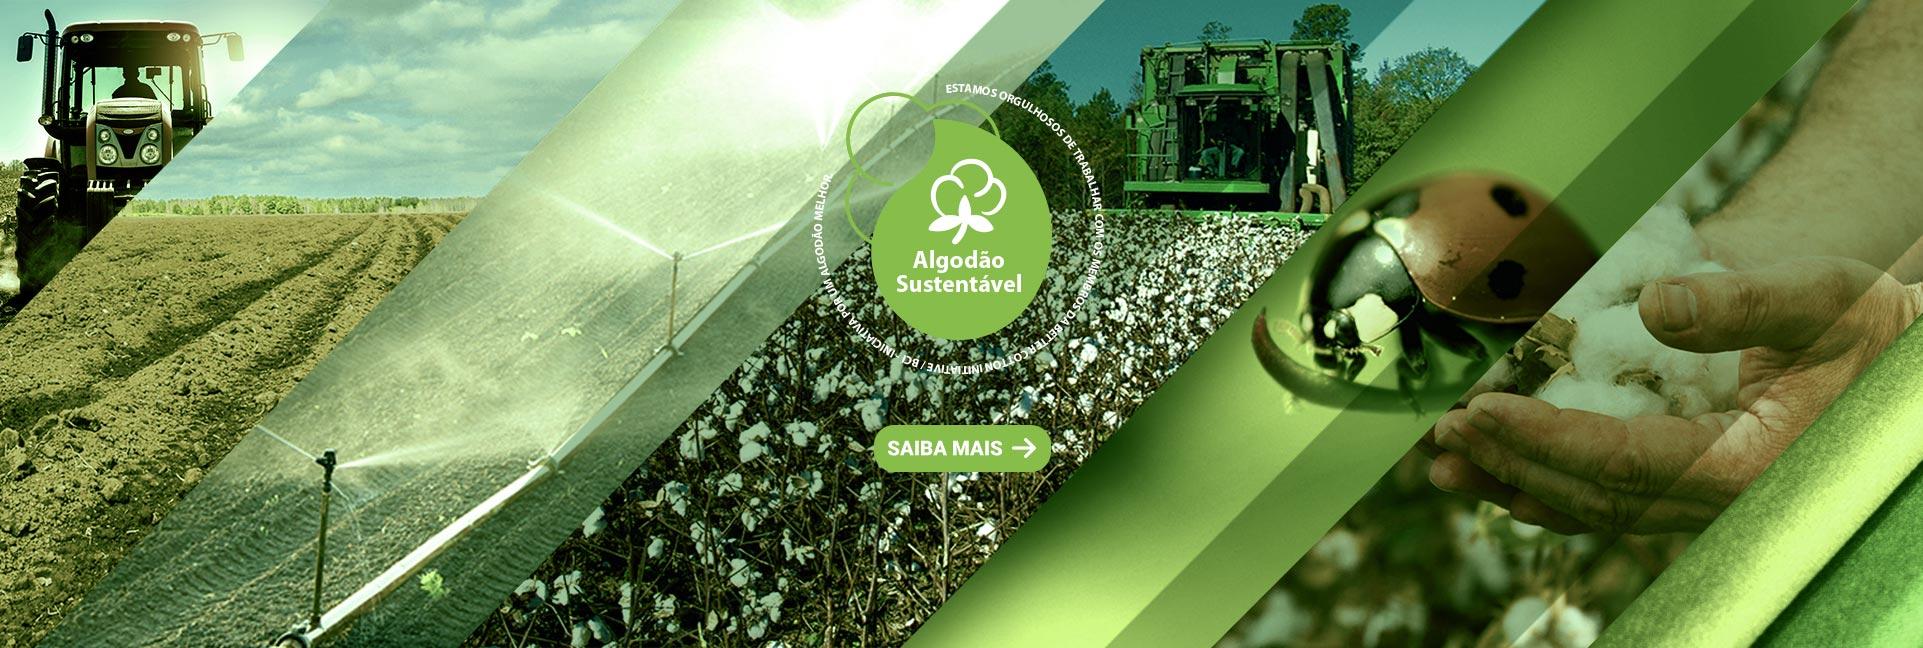 Algodão Sustentável - Política de Algodão Licenciado BCI - Better Cotton Initiative